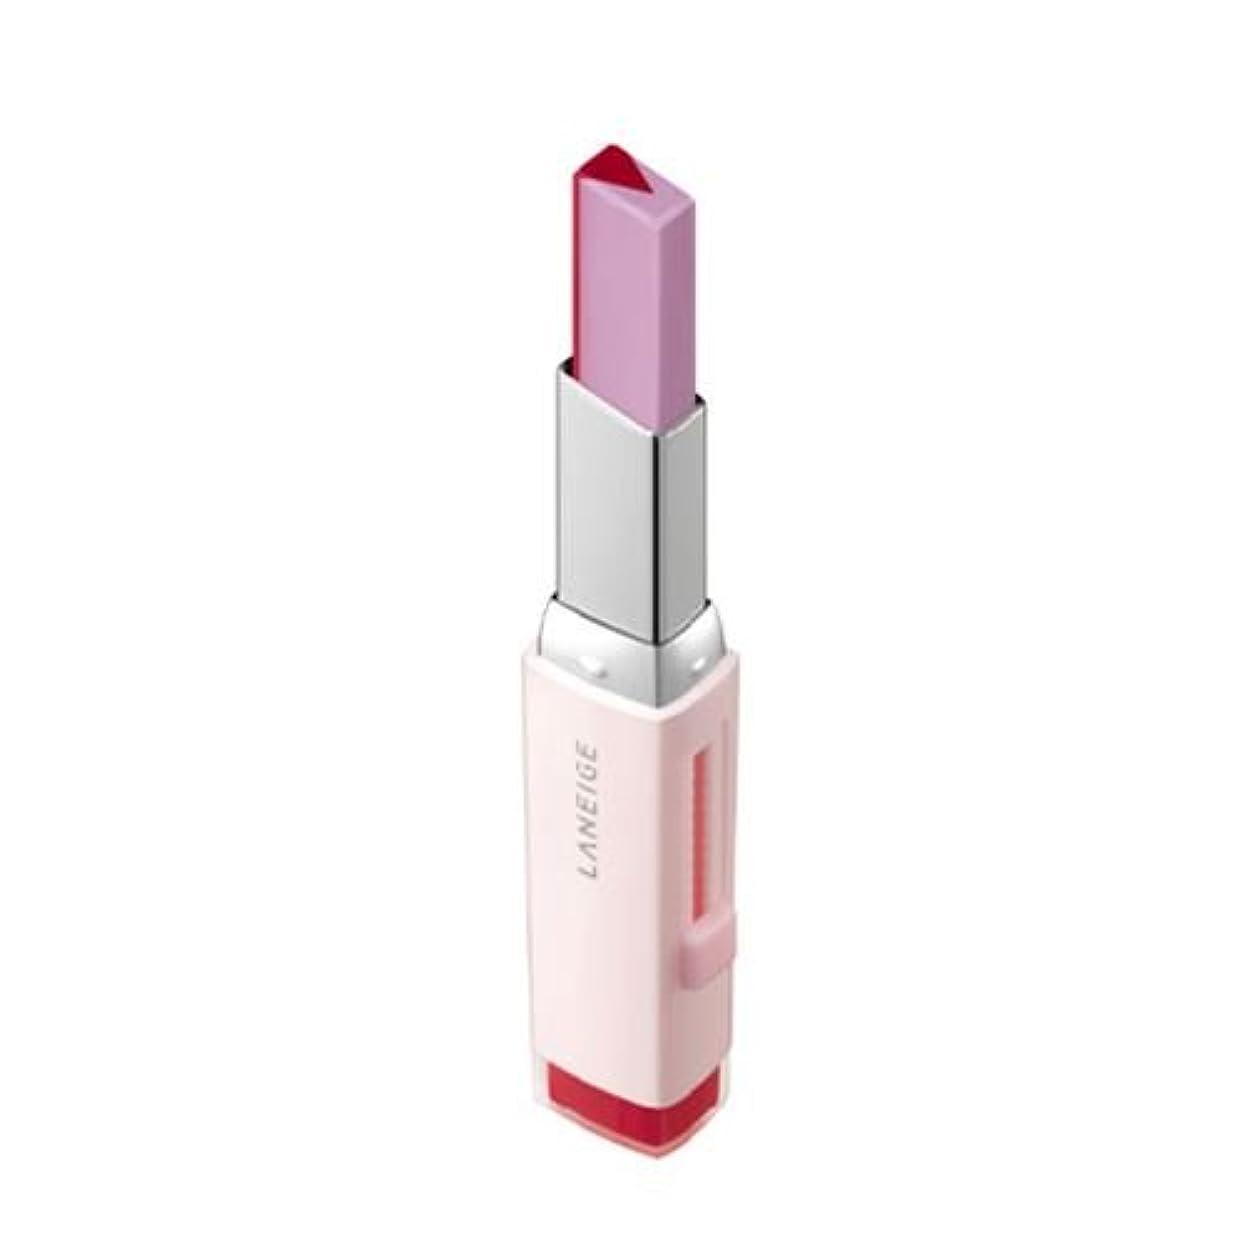 減る機関車リサイクルする[New] LANEIGE Two Tone Tint Lip Bar 2g/ラネージュ ツー トーン ティント リップ バー 2g (#07 Lollipop Red) [並行輸入品]